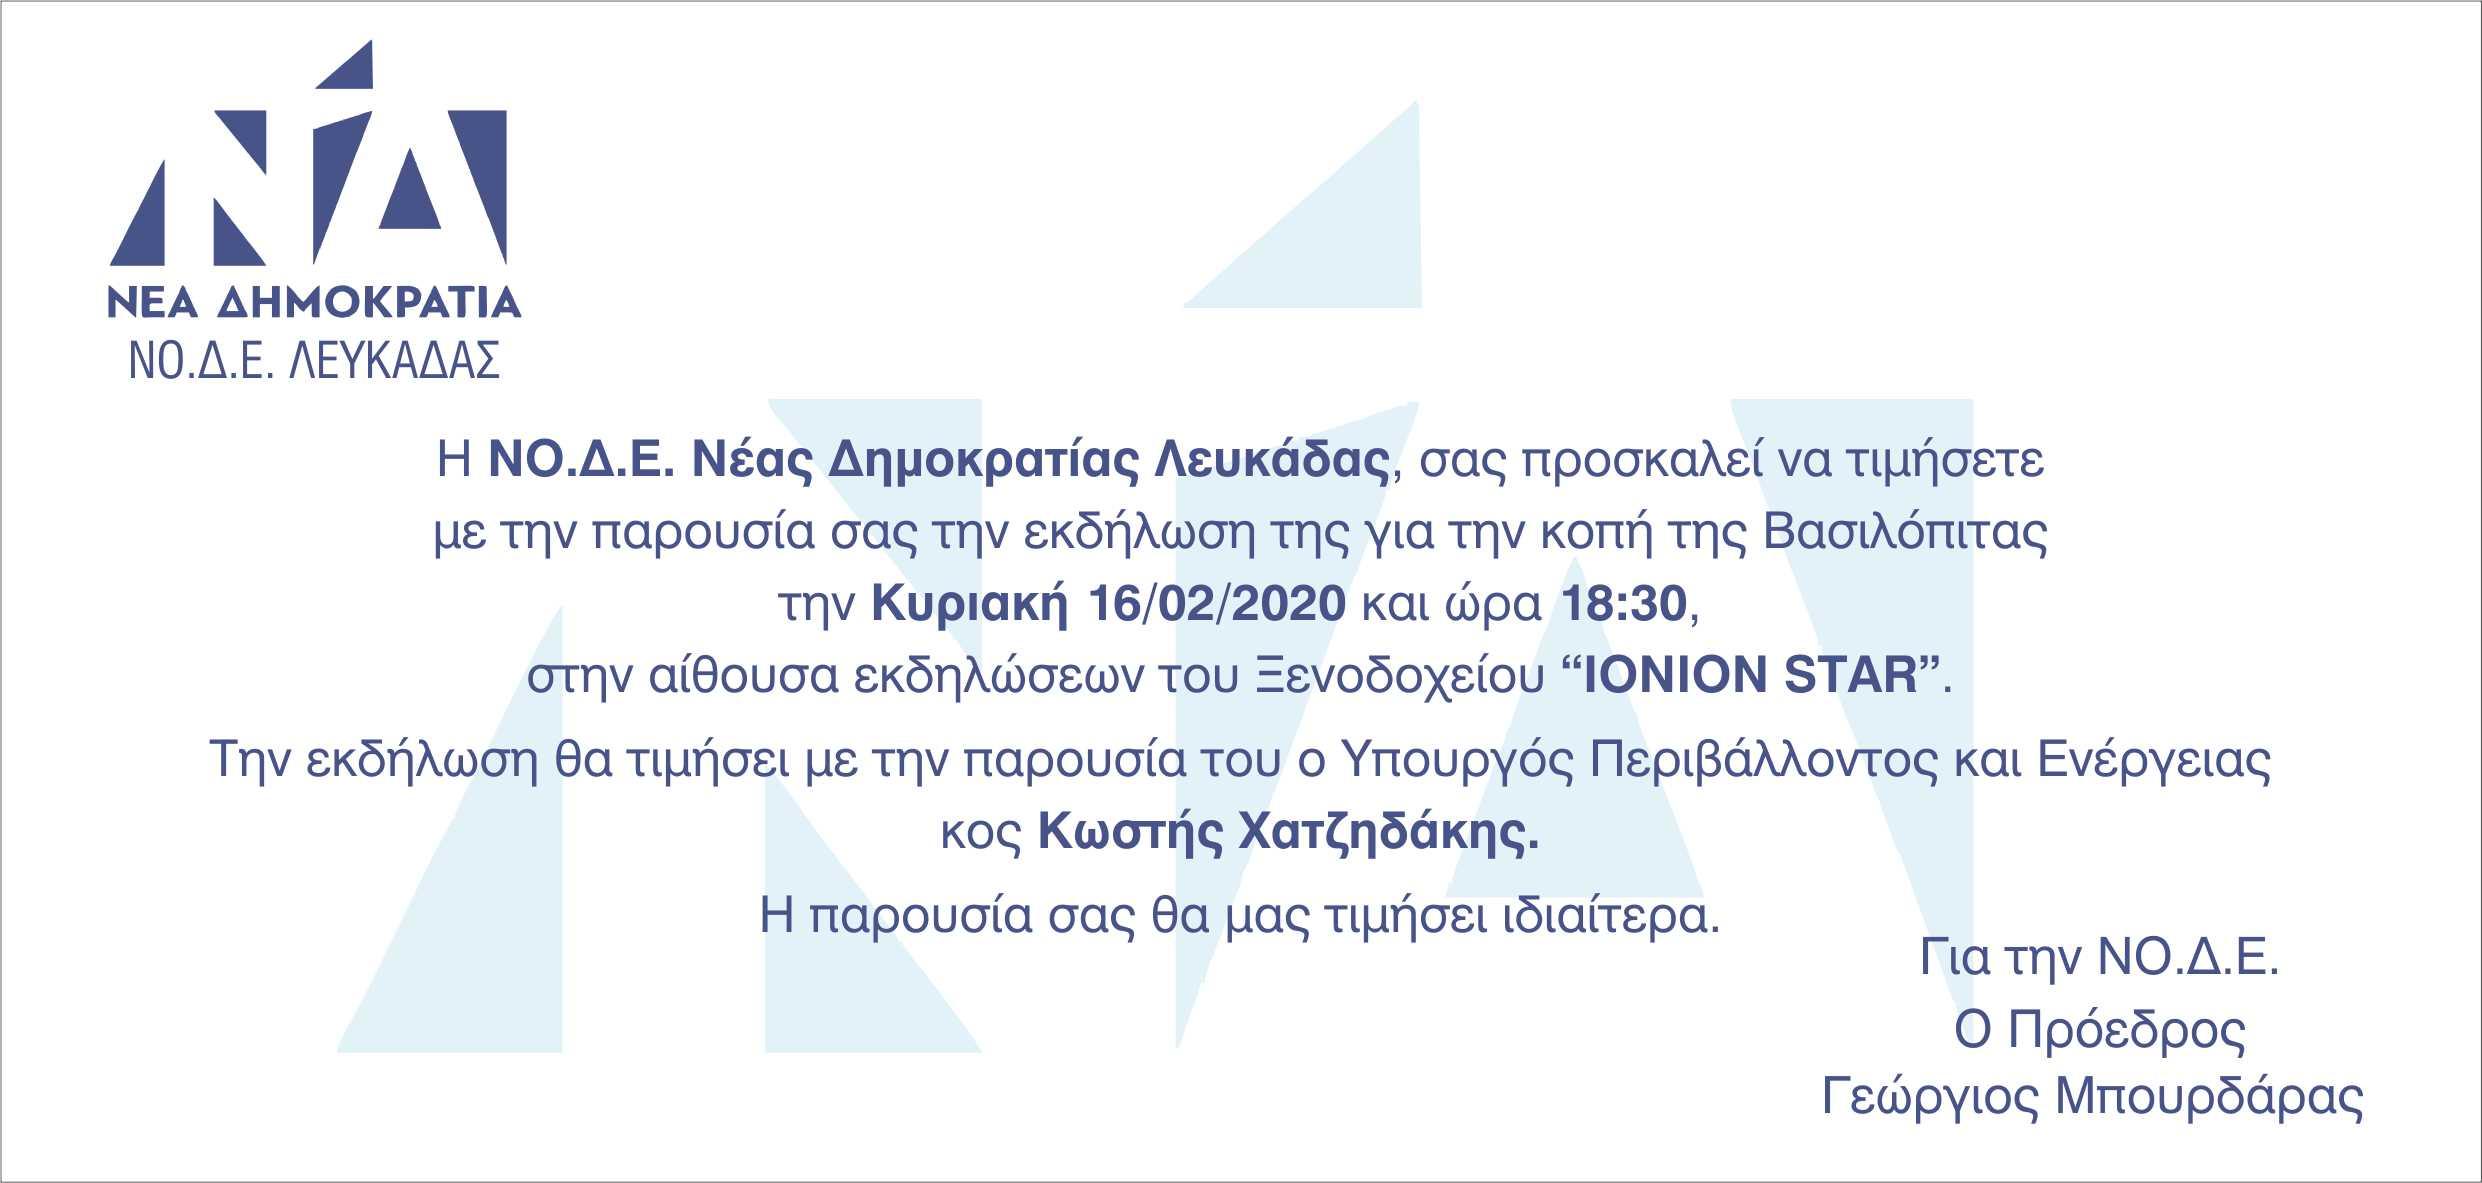 ΠΡΟΣΚΛΗΣΗ ΝΕΑ ΔΗΜΟΚΡΑΤΙΑ 2020